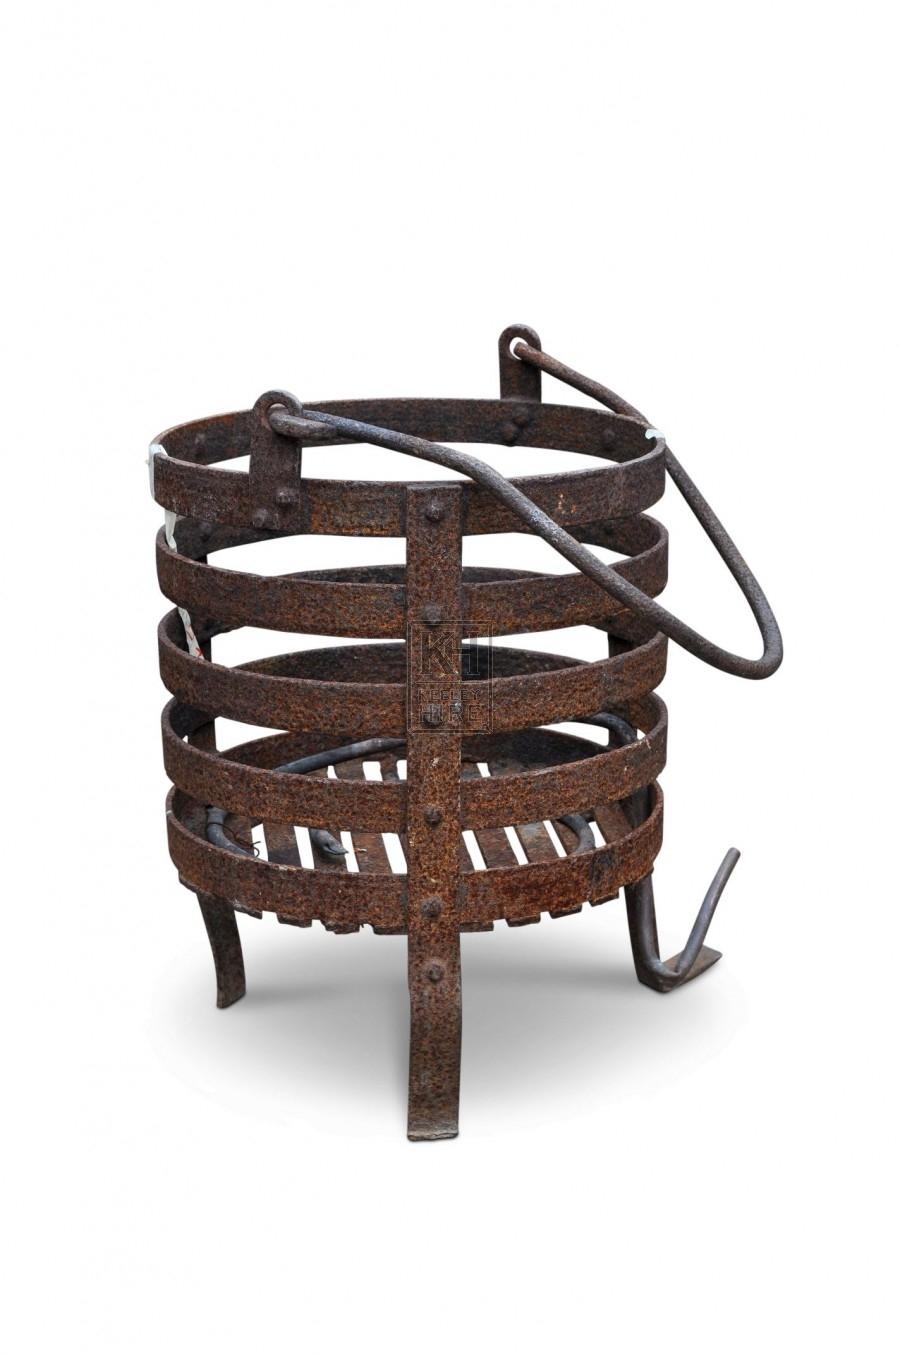 Brazier - Rusty Iron